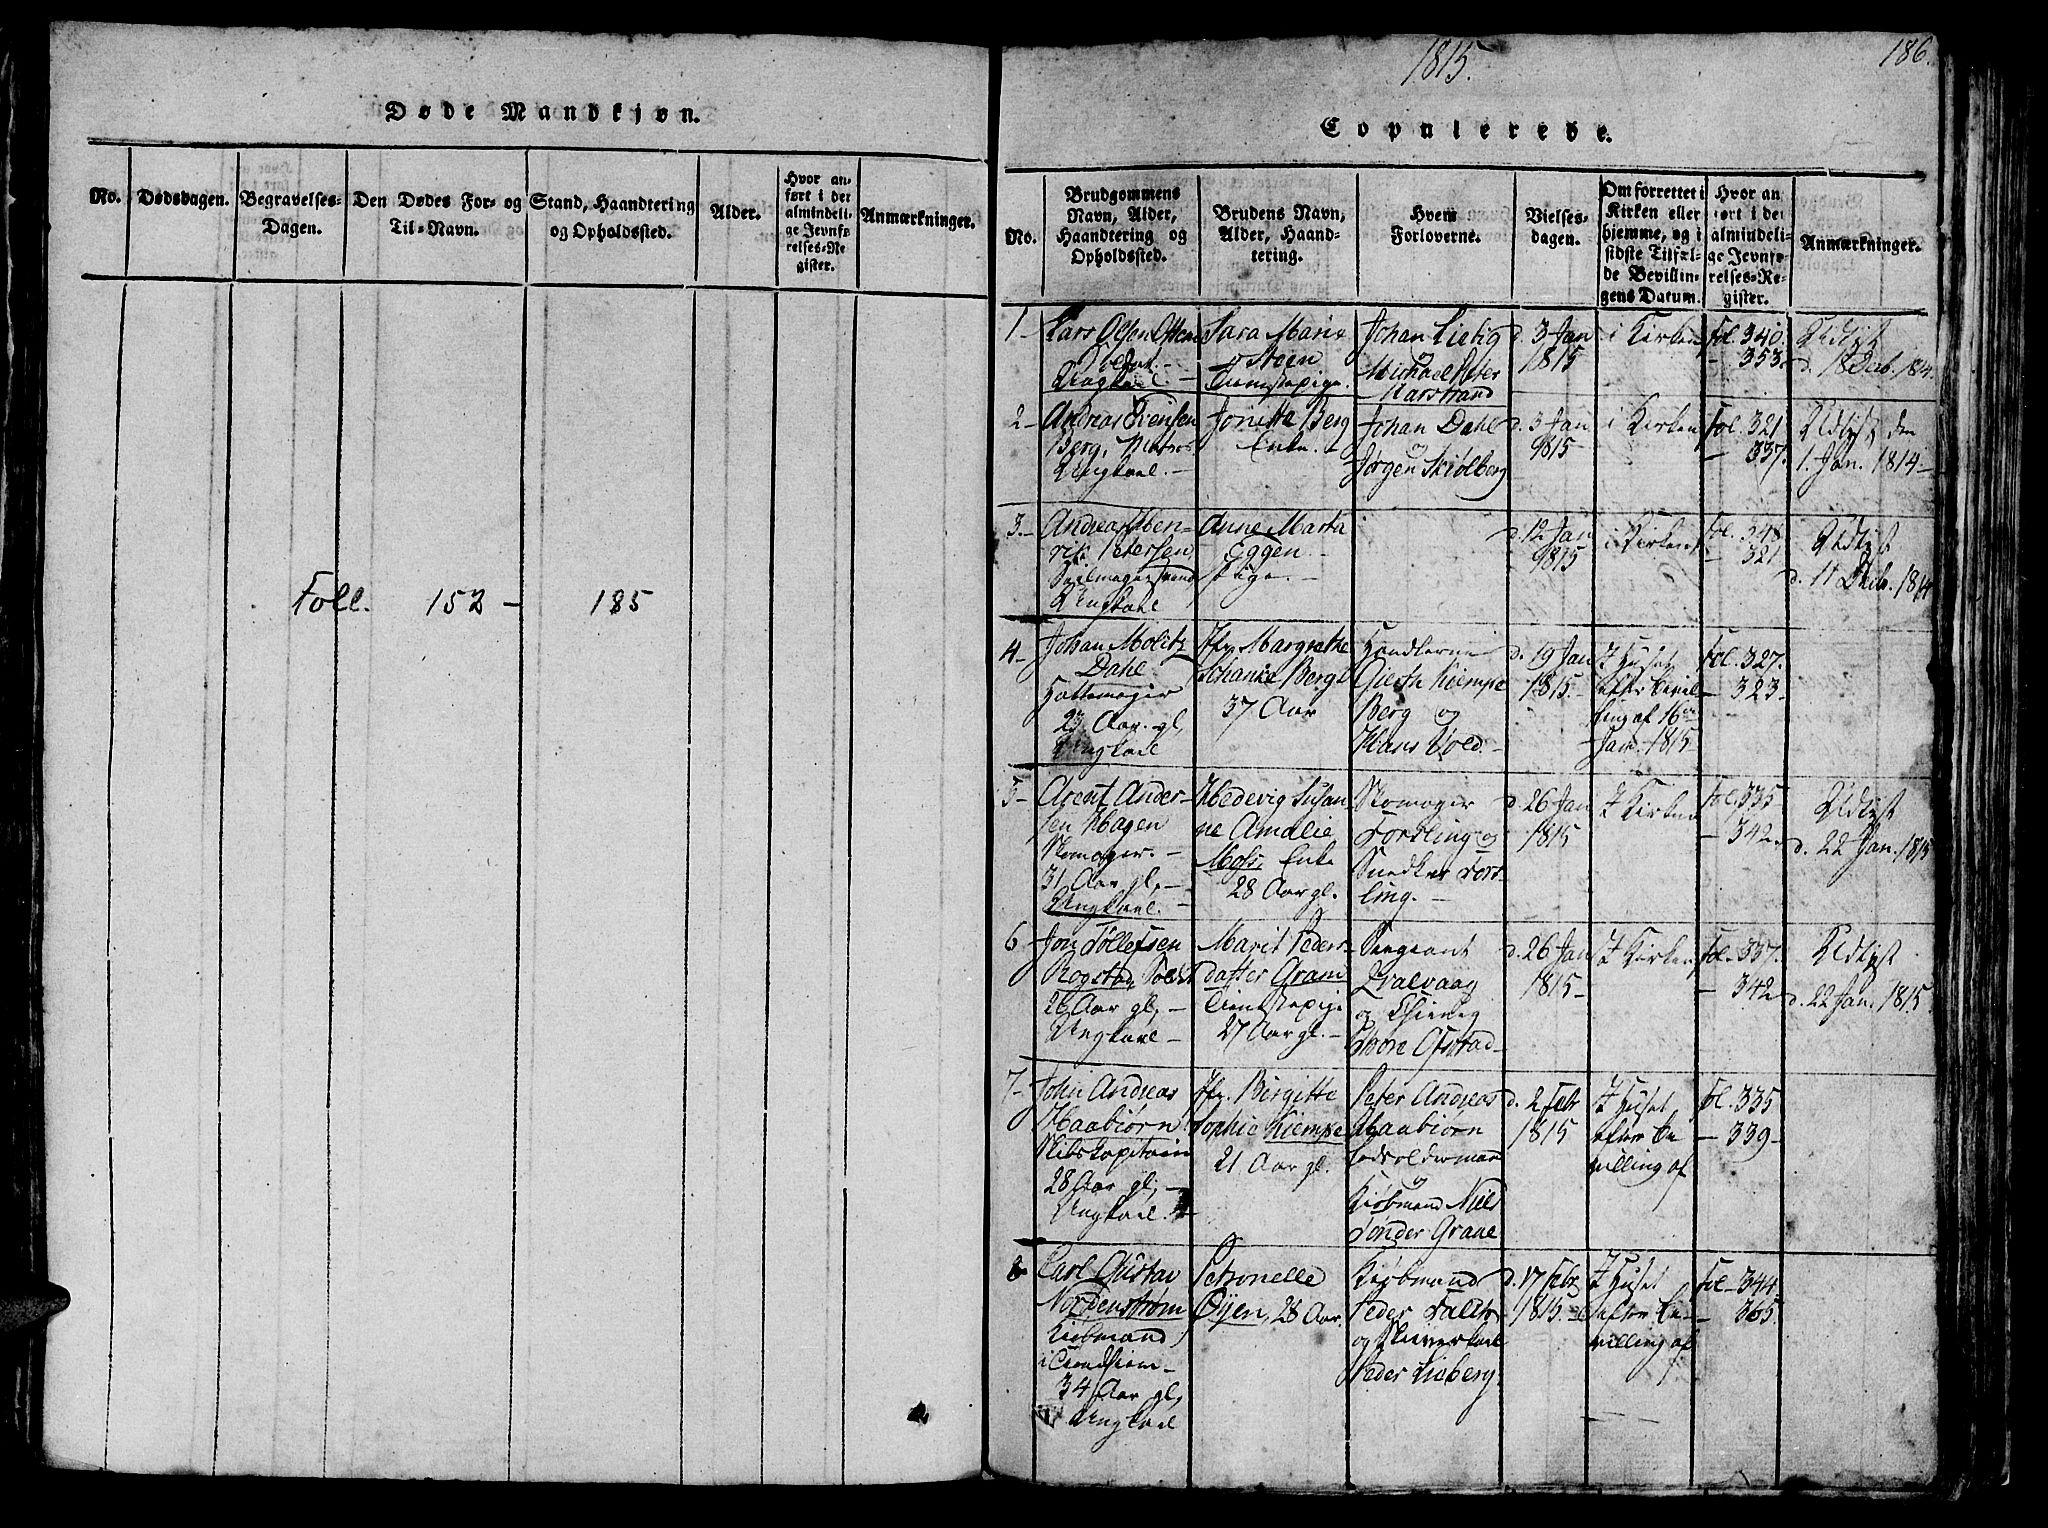 SAT, Ministerialprotokoller, klokkerbøker og fødselsregistre - Sør-Trøndelag, 602/L0135: Klokkerbok nr. 602C03, 1815-1832, s. 186